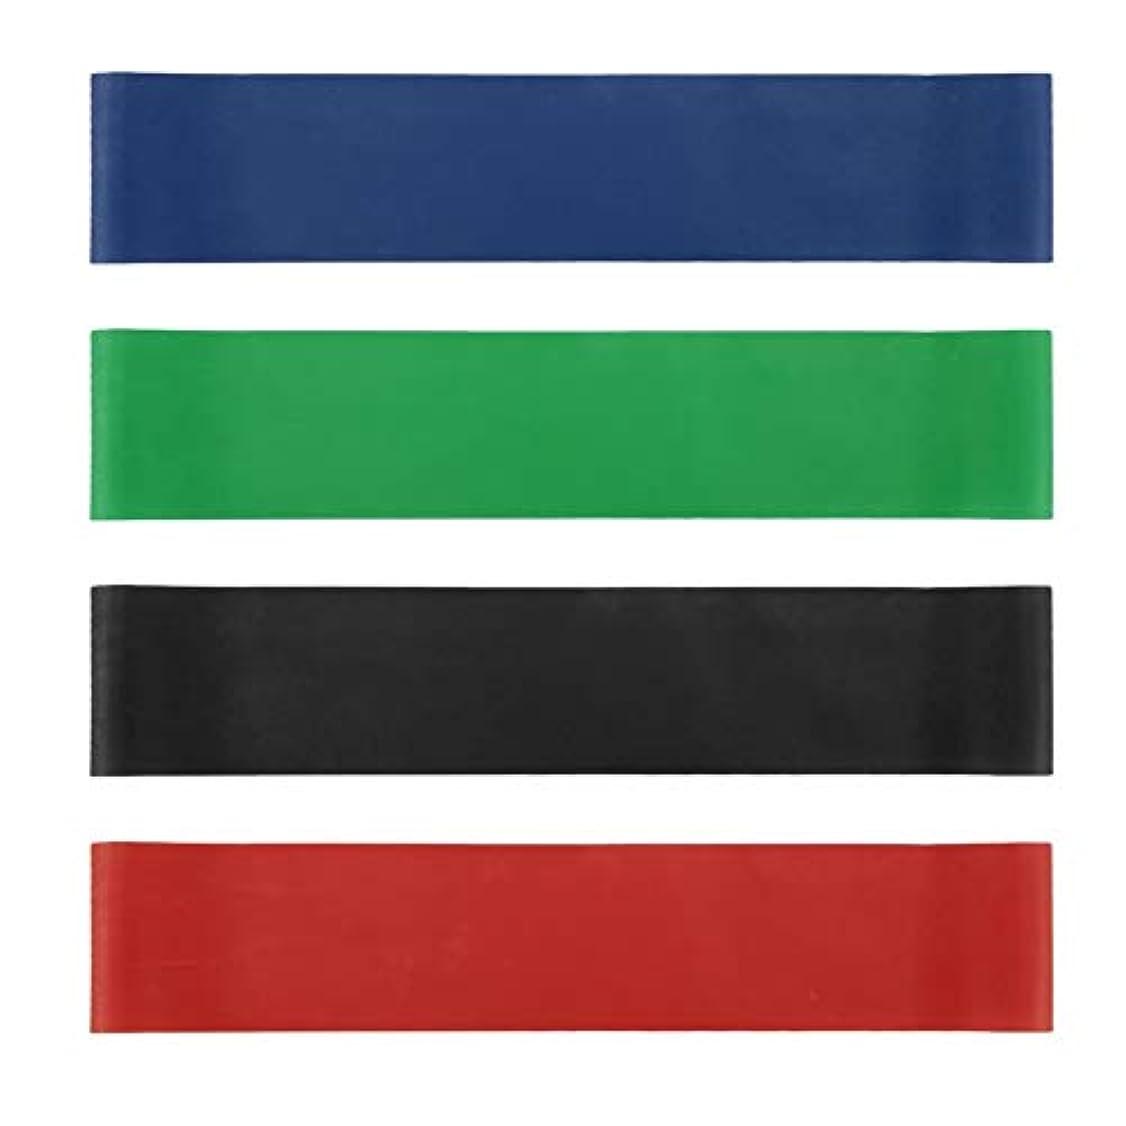 敬意を表する物質例4本の伸縮性ゴム弾性ヨガベルトバンドプルロープ張力抵抗バンドループ強度のフィットネスヨガツール - レッド&ブルー&グリーン&ブラック